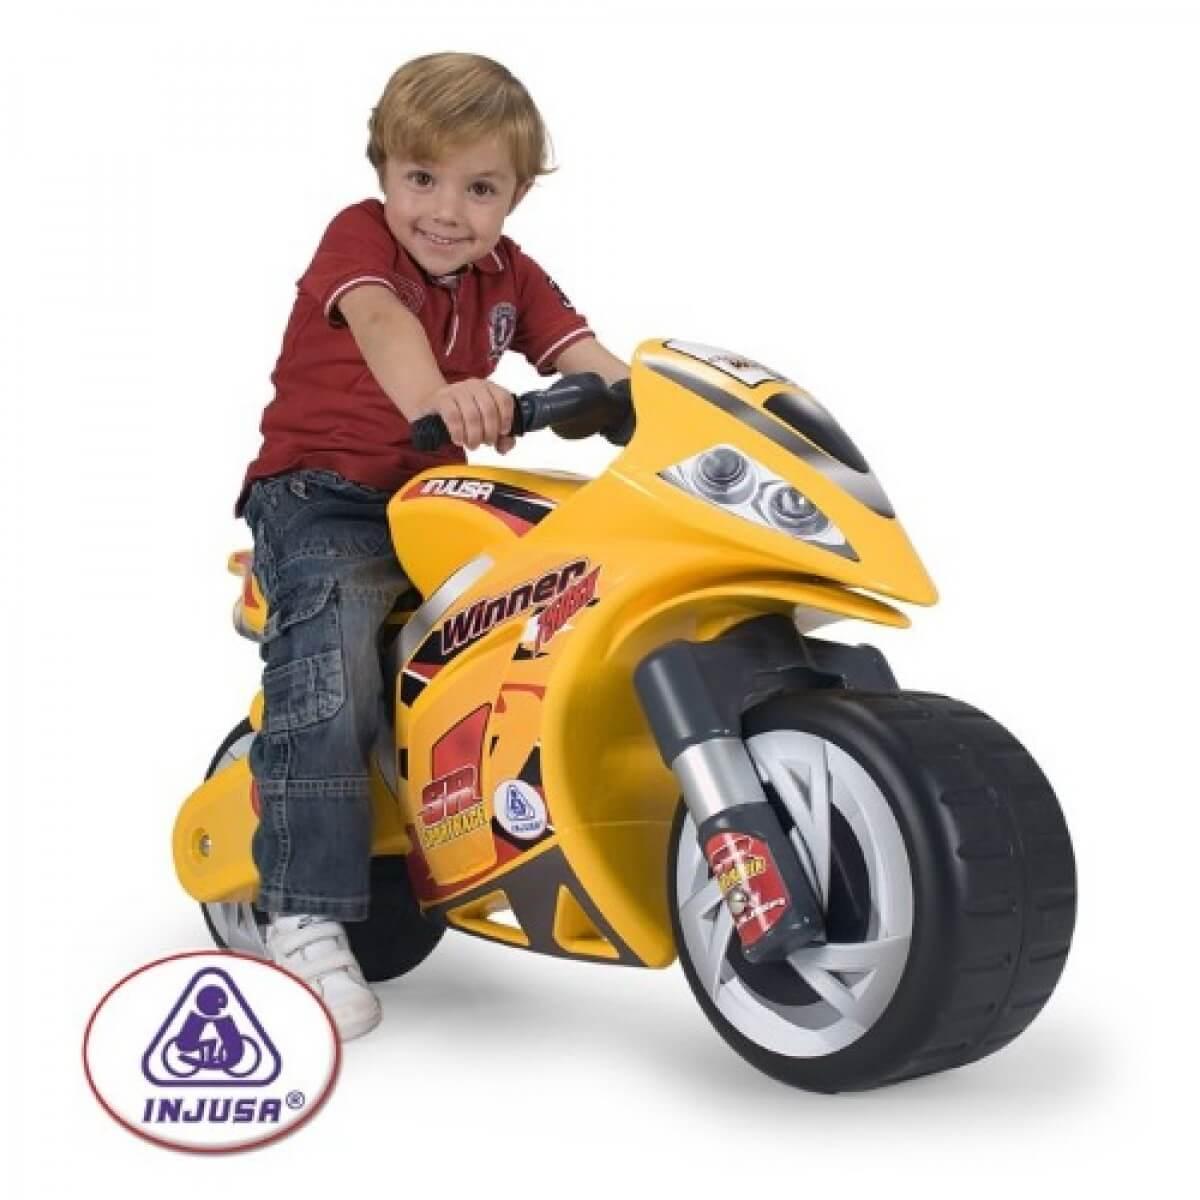 Injusa Winner motor